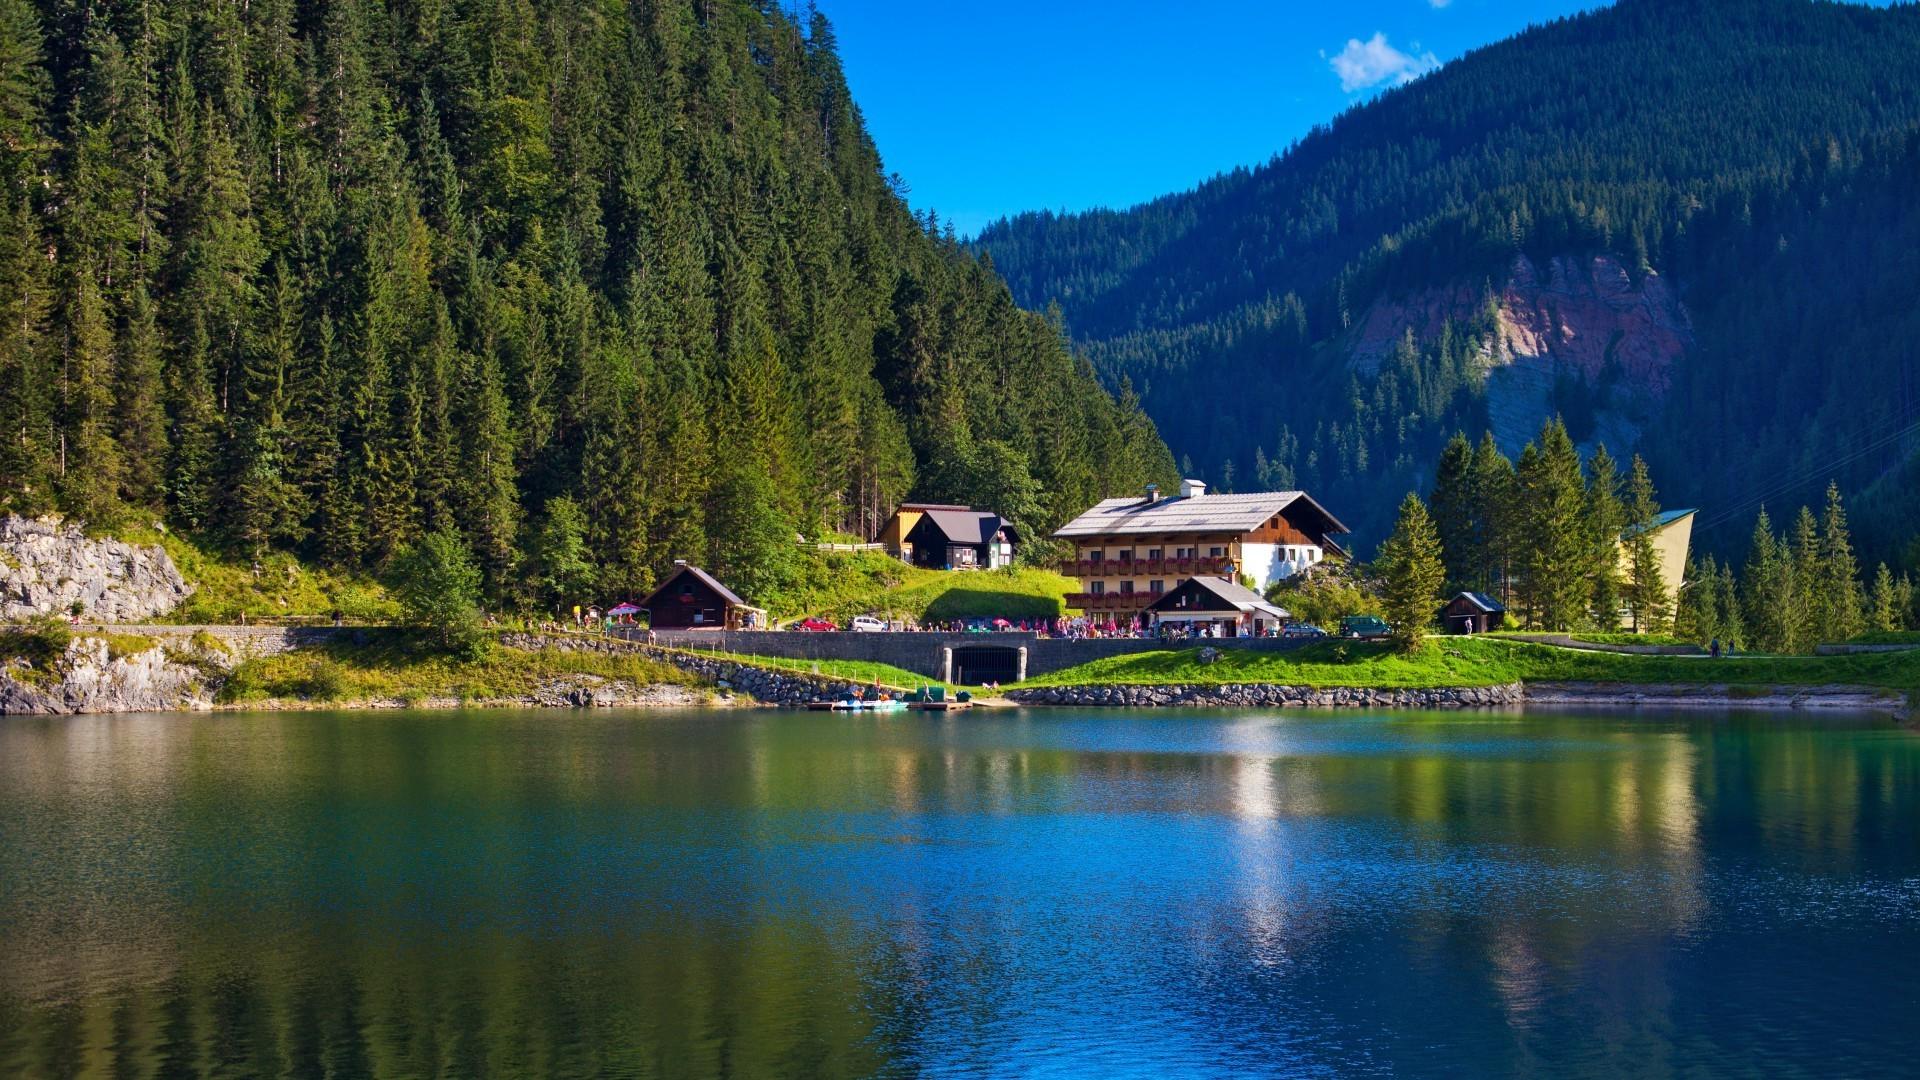 горы озеро домик  № 708584 бесплатно